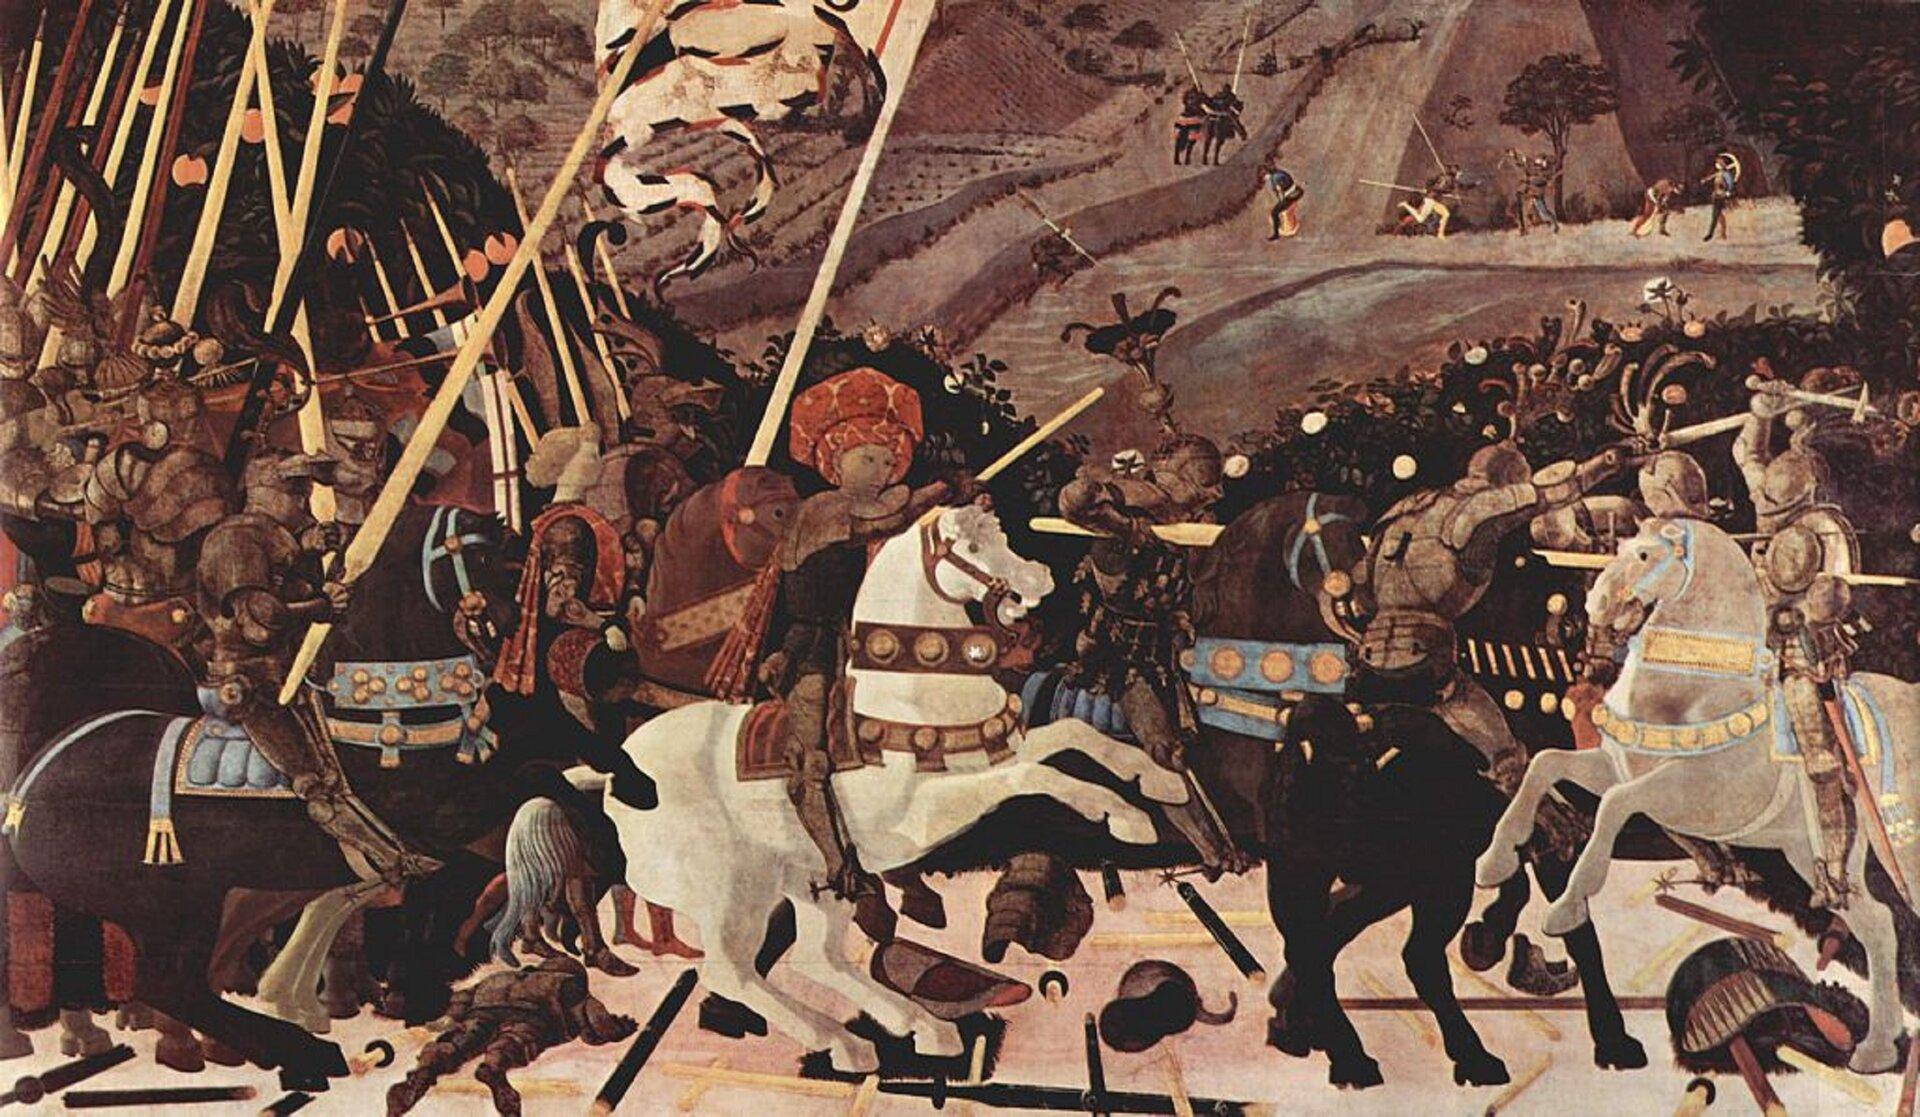 """Ilustracja przedstawia obraz Paola Uccella """"Bitwa pod San Romano"""". Wcentralnej części obrazu, na białym koniu wojskami Florencji dowodzi kondotier Niccolò da Tolentino, dosiadający białego, stającego dęba konia. Mężczyzna ma na sobie rycerską zbroję iturban. Wprawej dłoni trzyma laskę dowódczą. Za nim na koniach podąża grupa uzbrojonych wlance rycerzy. Jeden znich trzyma sztandar. Pomiędzy rycerzami młodzieńcy dmą wtrąby. Po prawej stronie pomiędzy wojskami toczy się walka. Scena rozgrywa się na tle wzgórza, na którym polują myśliwi. Woddali znajdują się dwaj rycerze na koniach."""